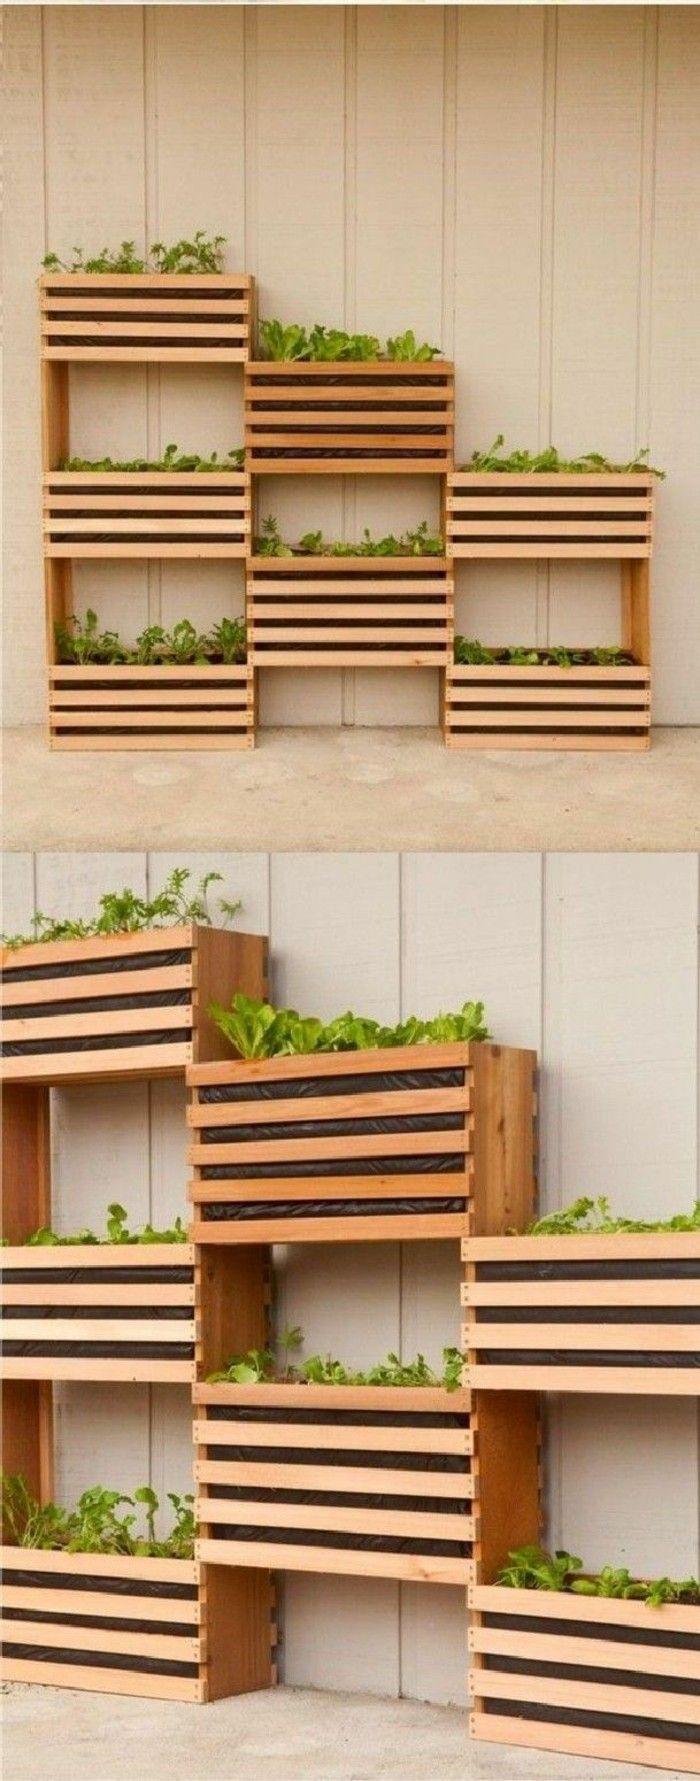 Photo of Garten, Terrasse, Balkon- Ideen zum Selbermachen und Verschönern